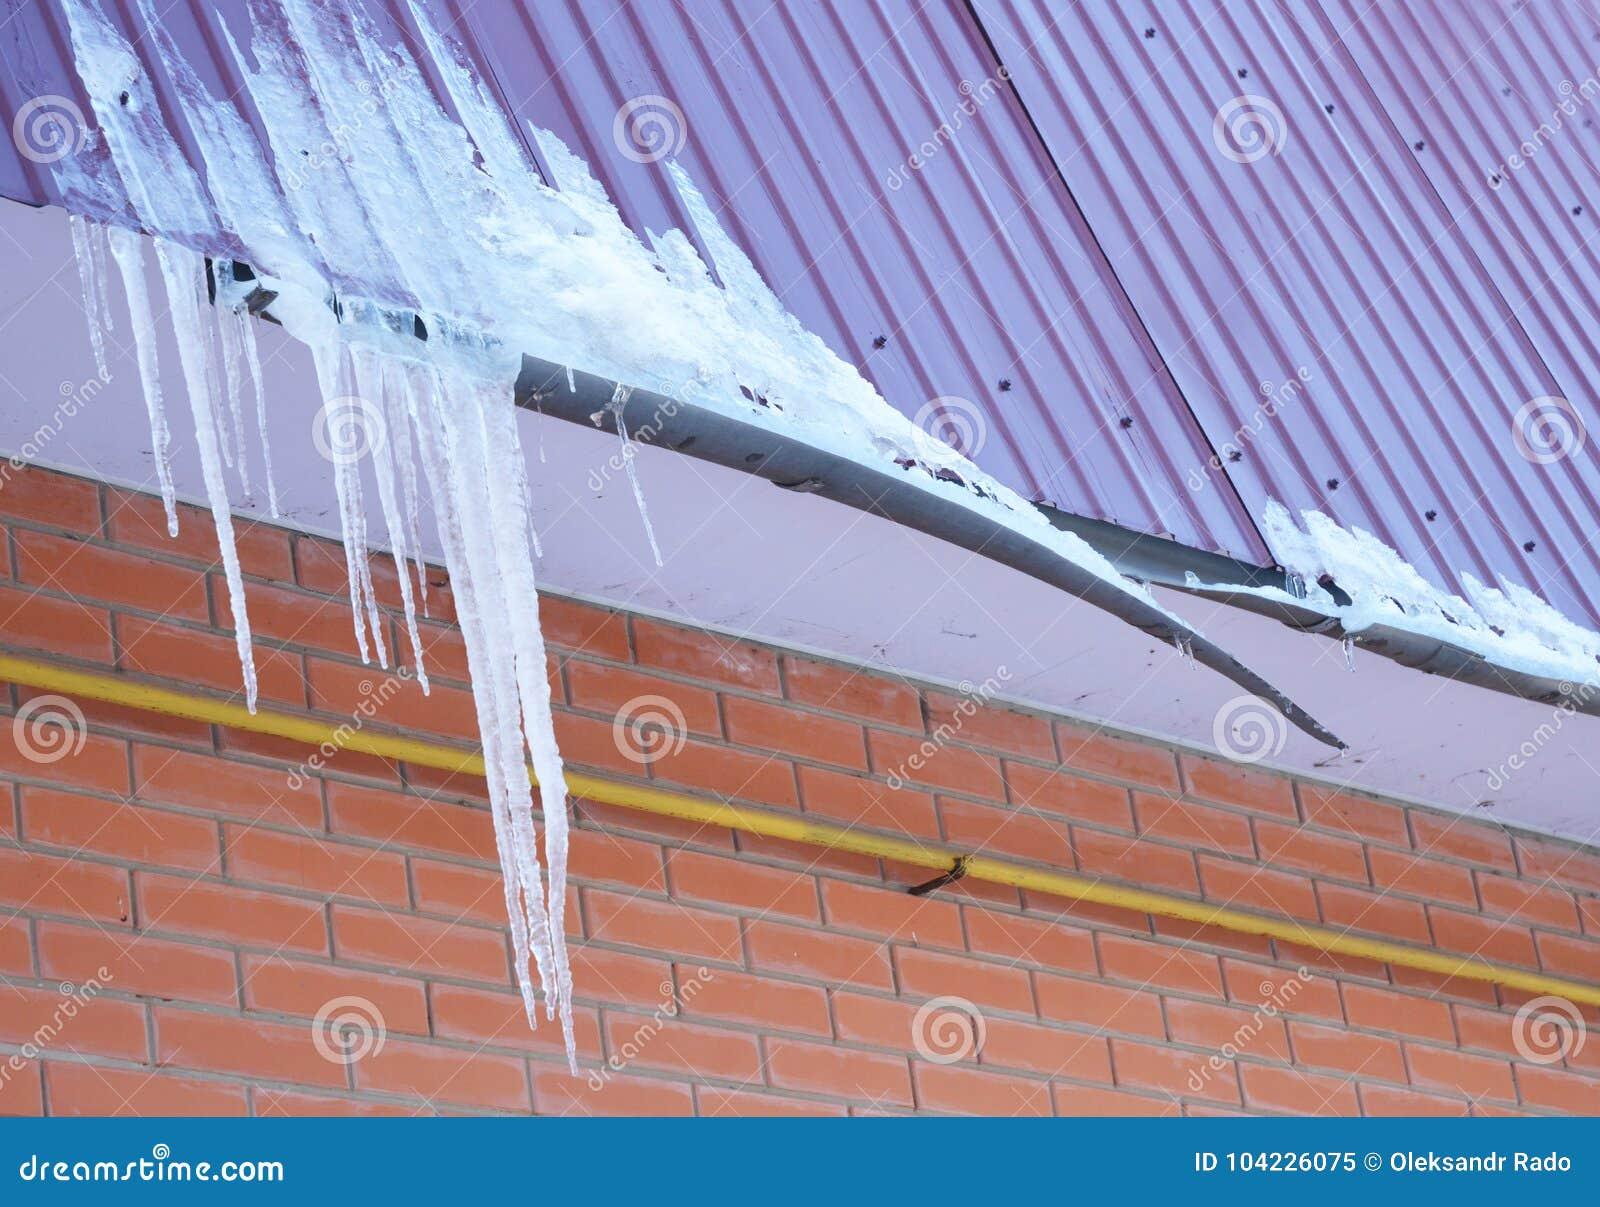 Gebroken Dakgoten Ijsdam Close-up op nieuw gebroken dakgootsysteem zonder de Sneeuwwacht van de dakbescherming bij de huisbouw